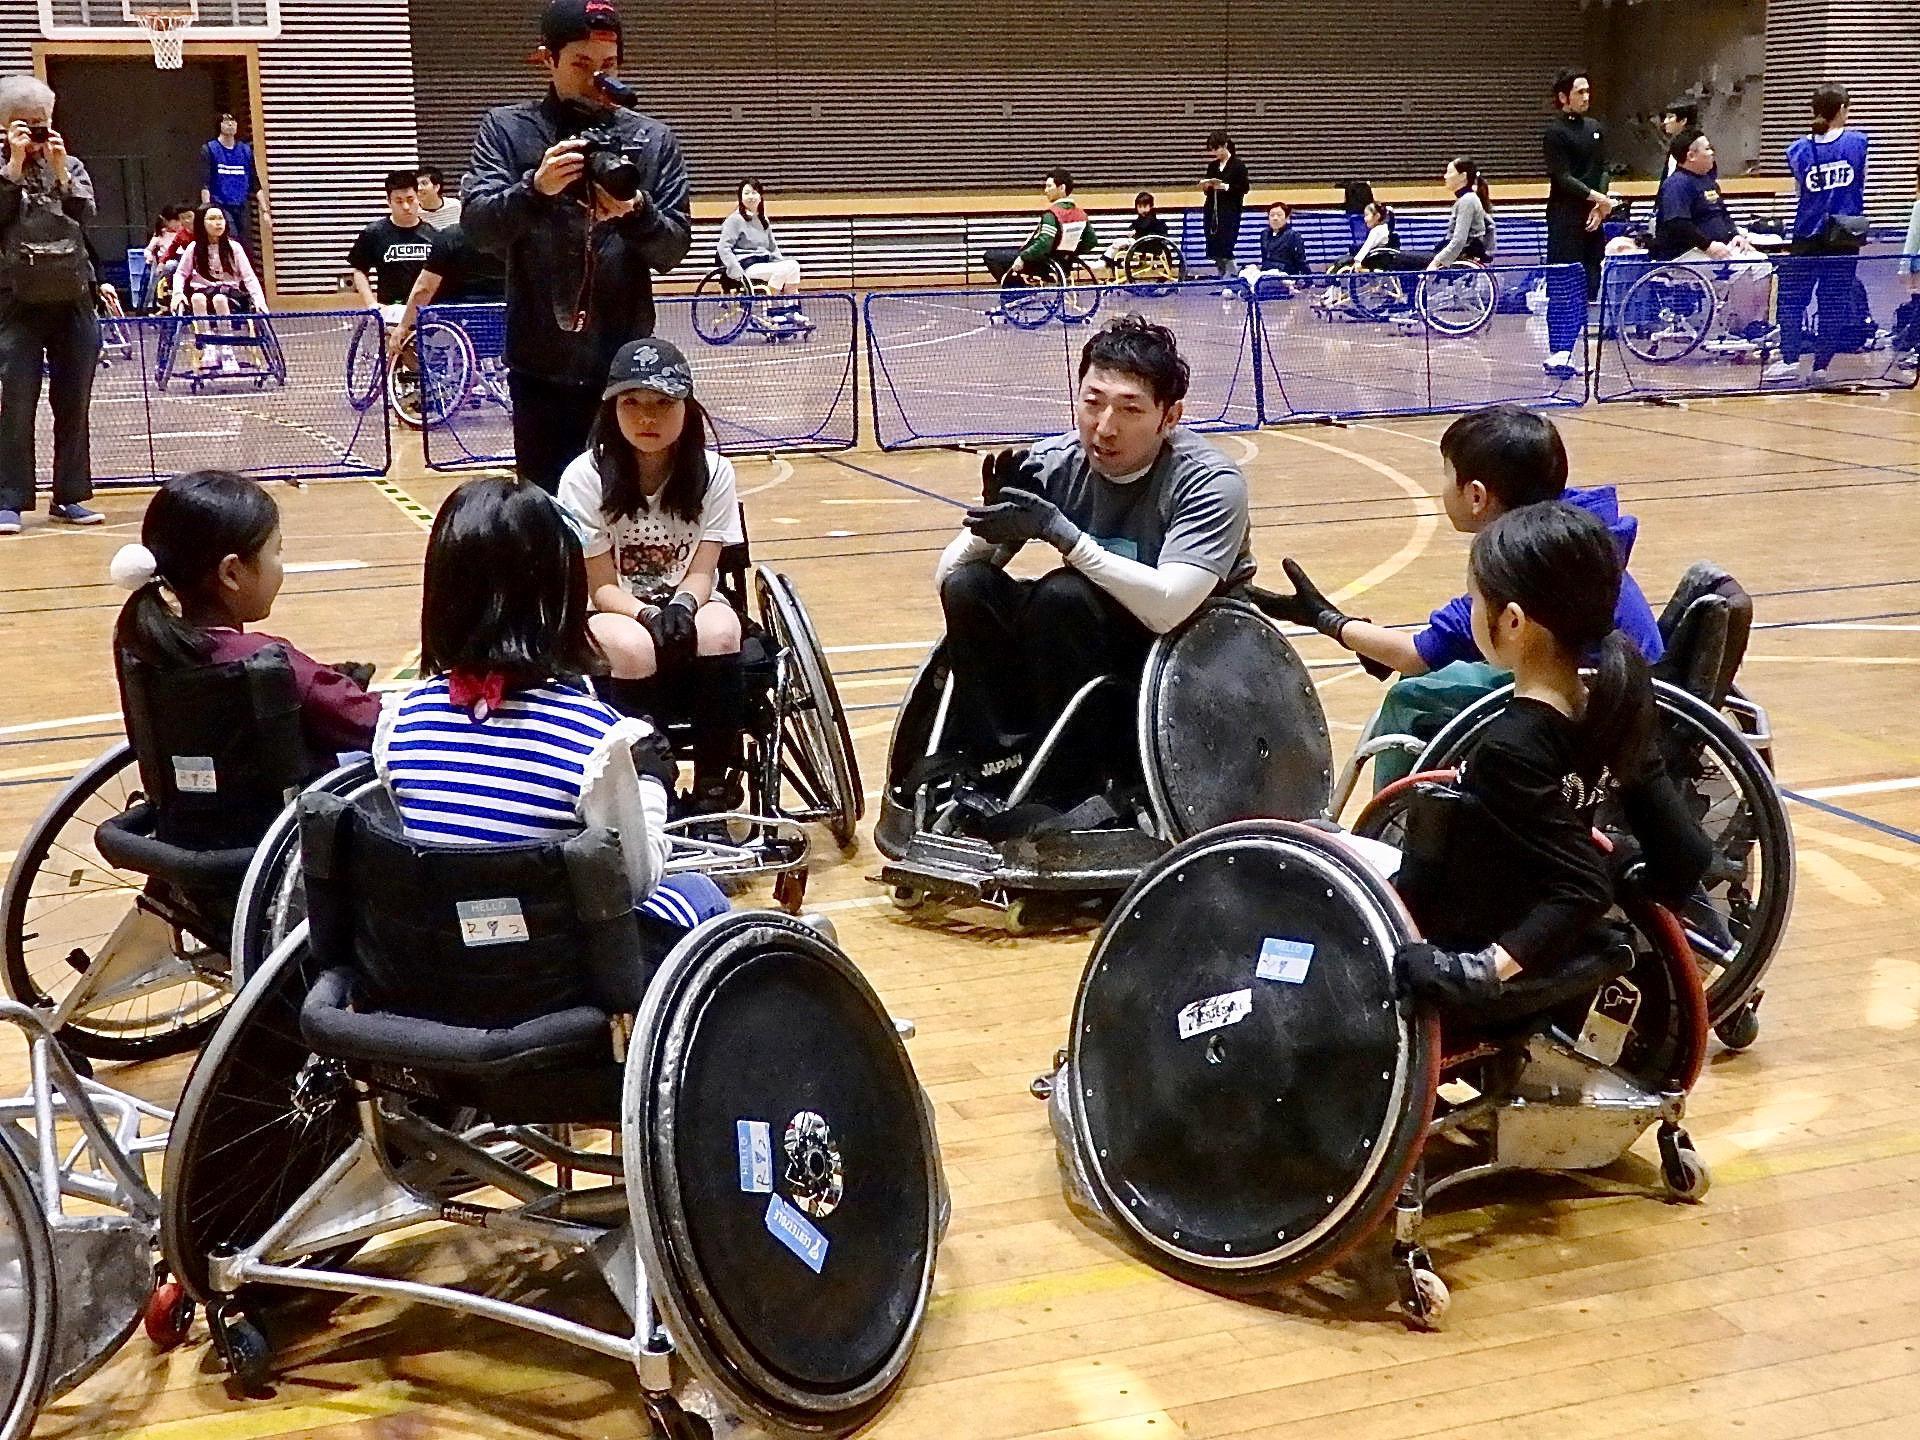 http://news.yoshimoto.co.jp/20171203110356-1d0403af9c7f18f4c6c056ee446385a23e1c0dfe.jpg